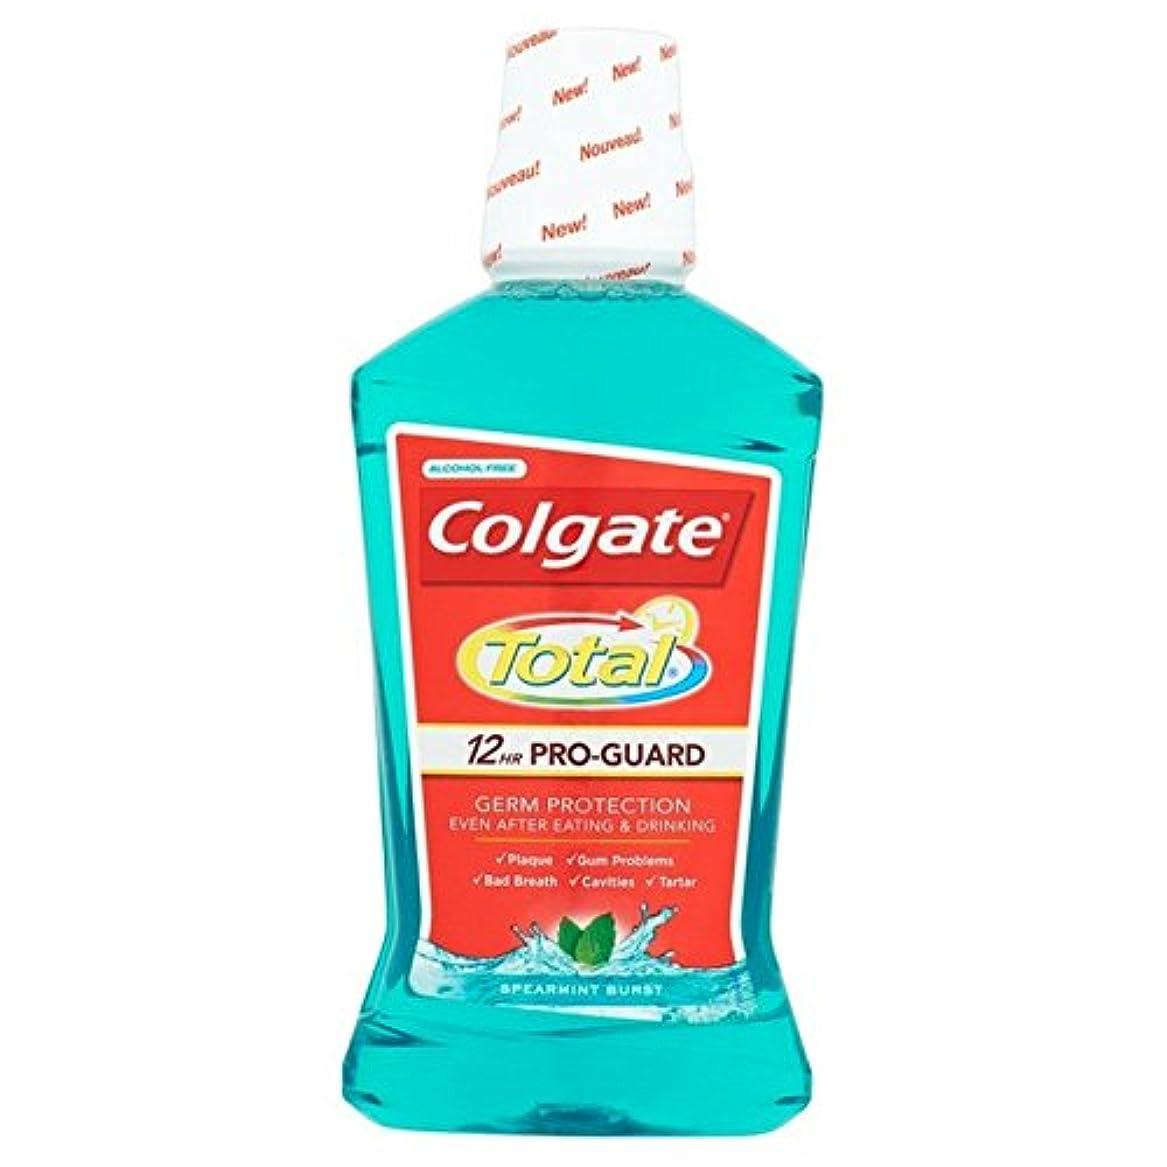 状態作り上げるランプコルゲートトータル先進的な緑色のマウスウォッシュ500ミリリットル500ミリリットル x2 - Colgate Total Advanced Green Mouthwash 500ml 500ml (Pack of 2)...